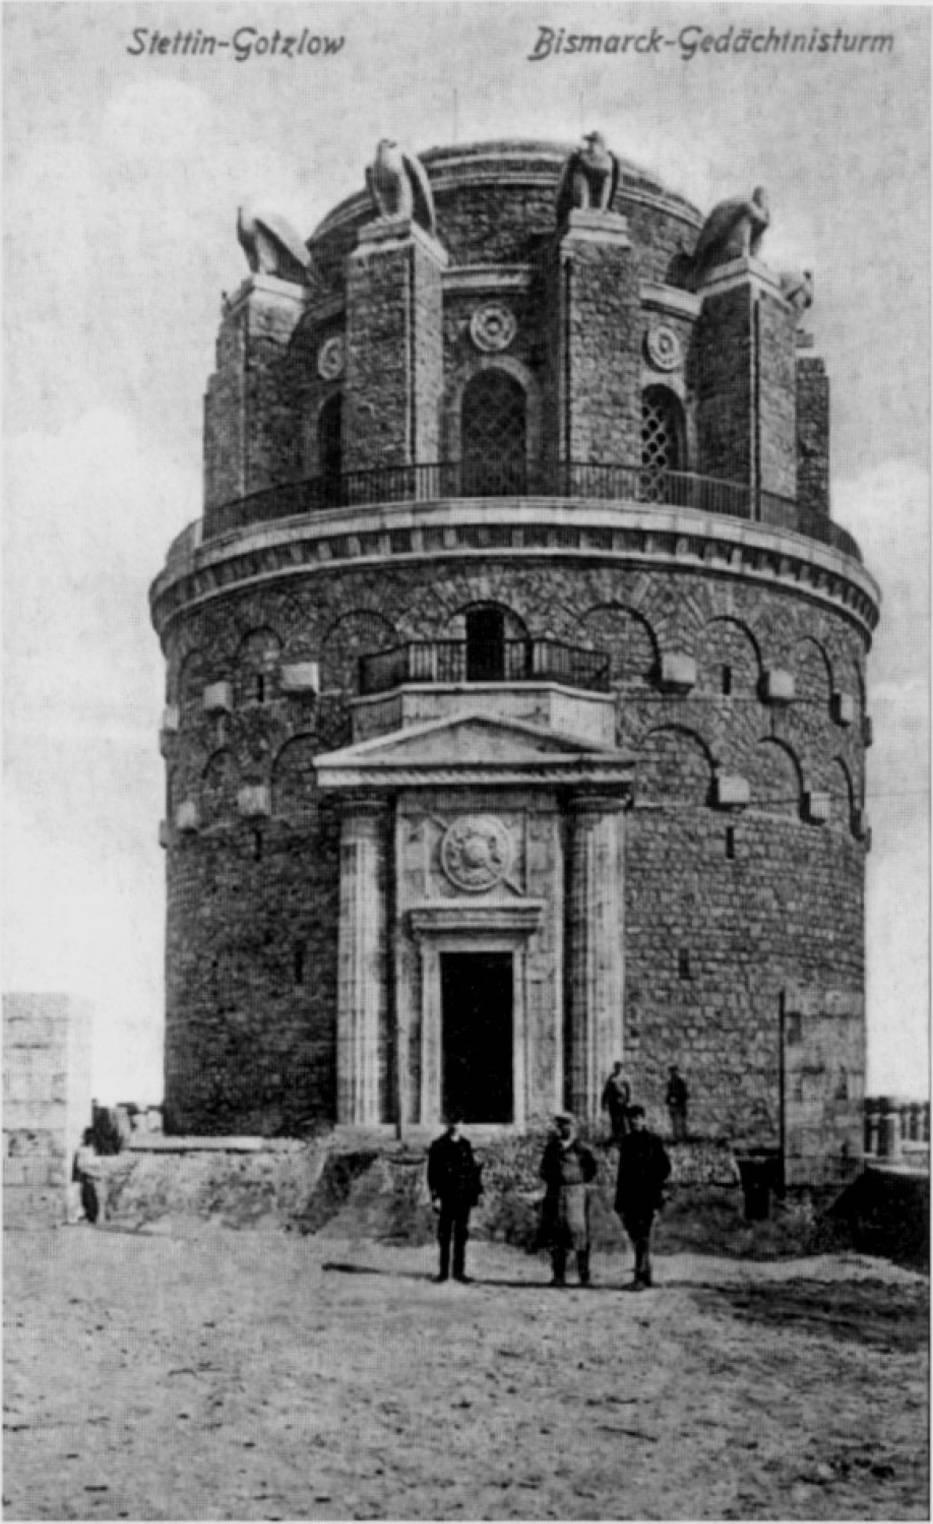 Wieża Bismarcka wybudowana w 1912 roku